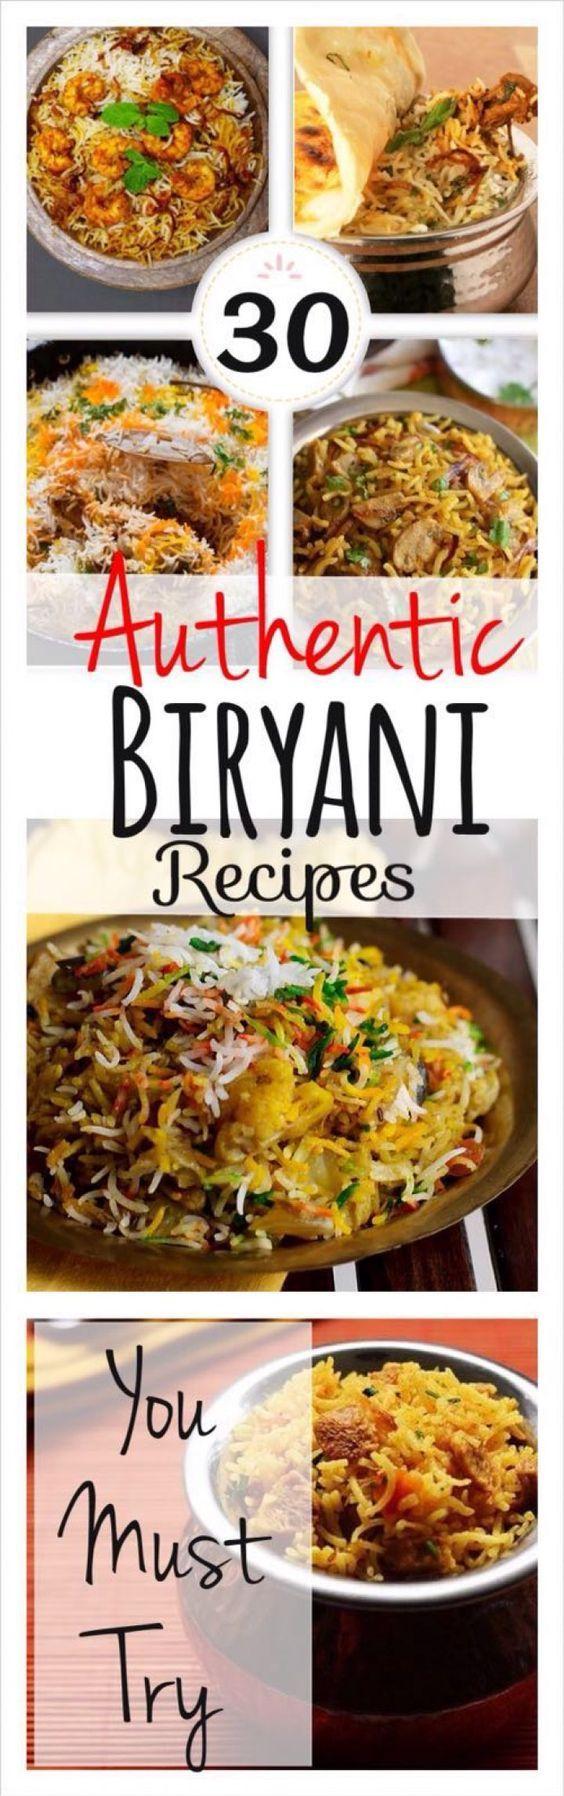 30 Authentic Biryani Recipes